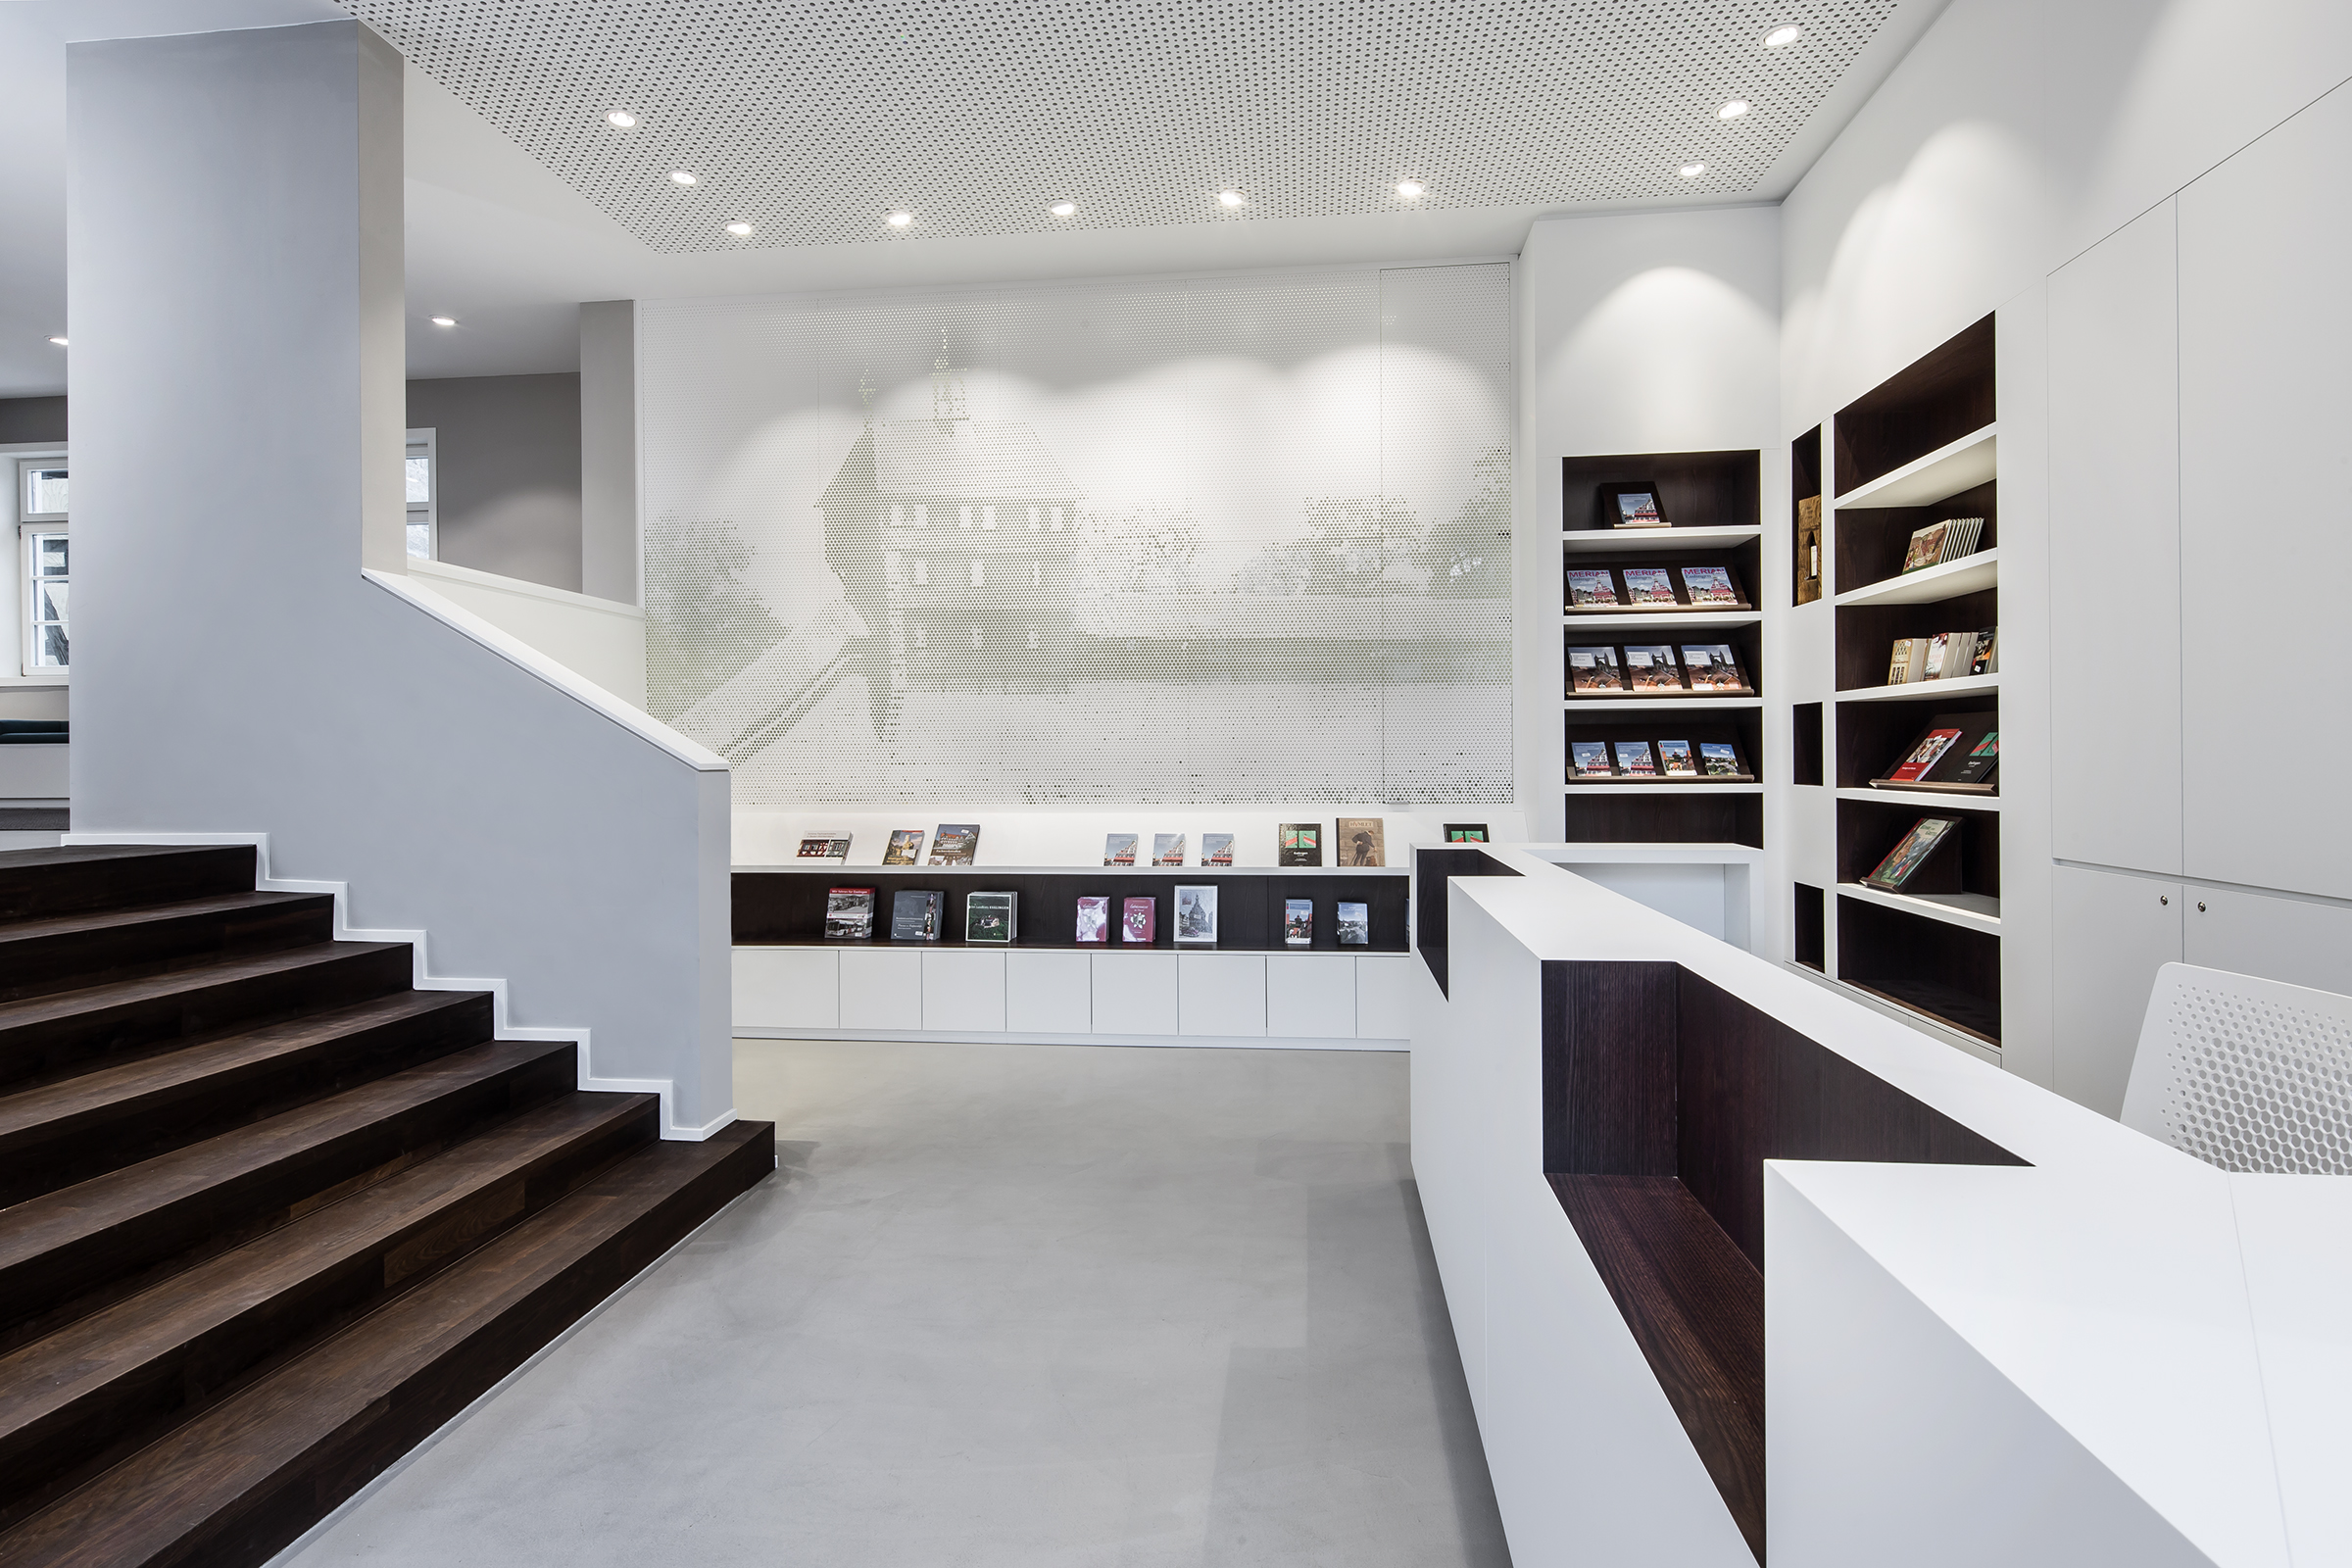 stadtinformation esslingen dia dittel architekten. Black Bedroom Furniture Sets. Home Design Ideas